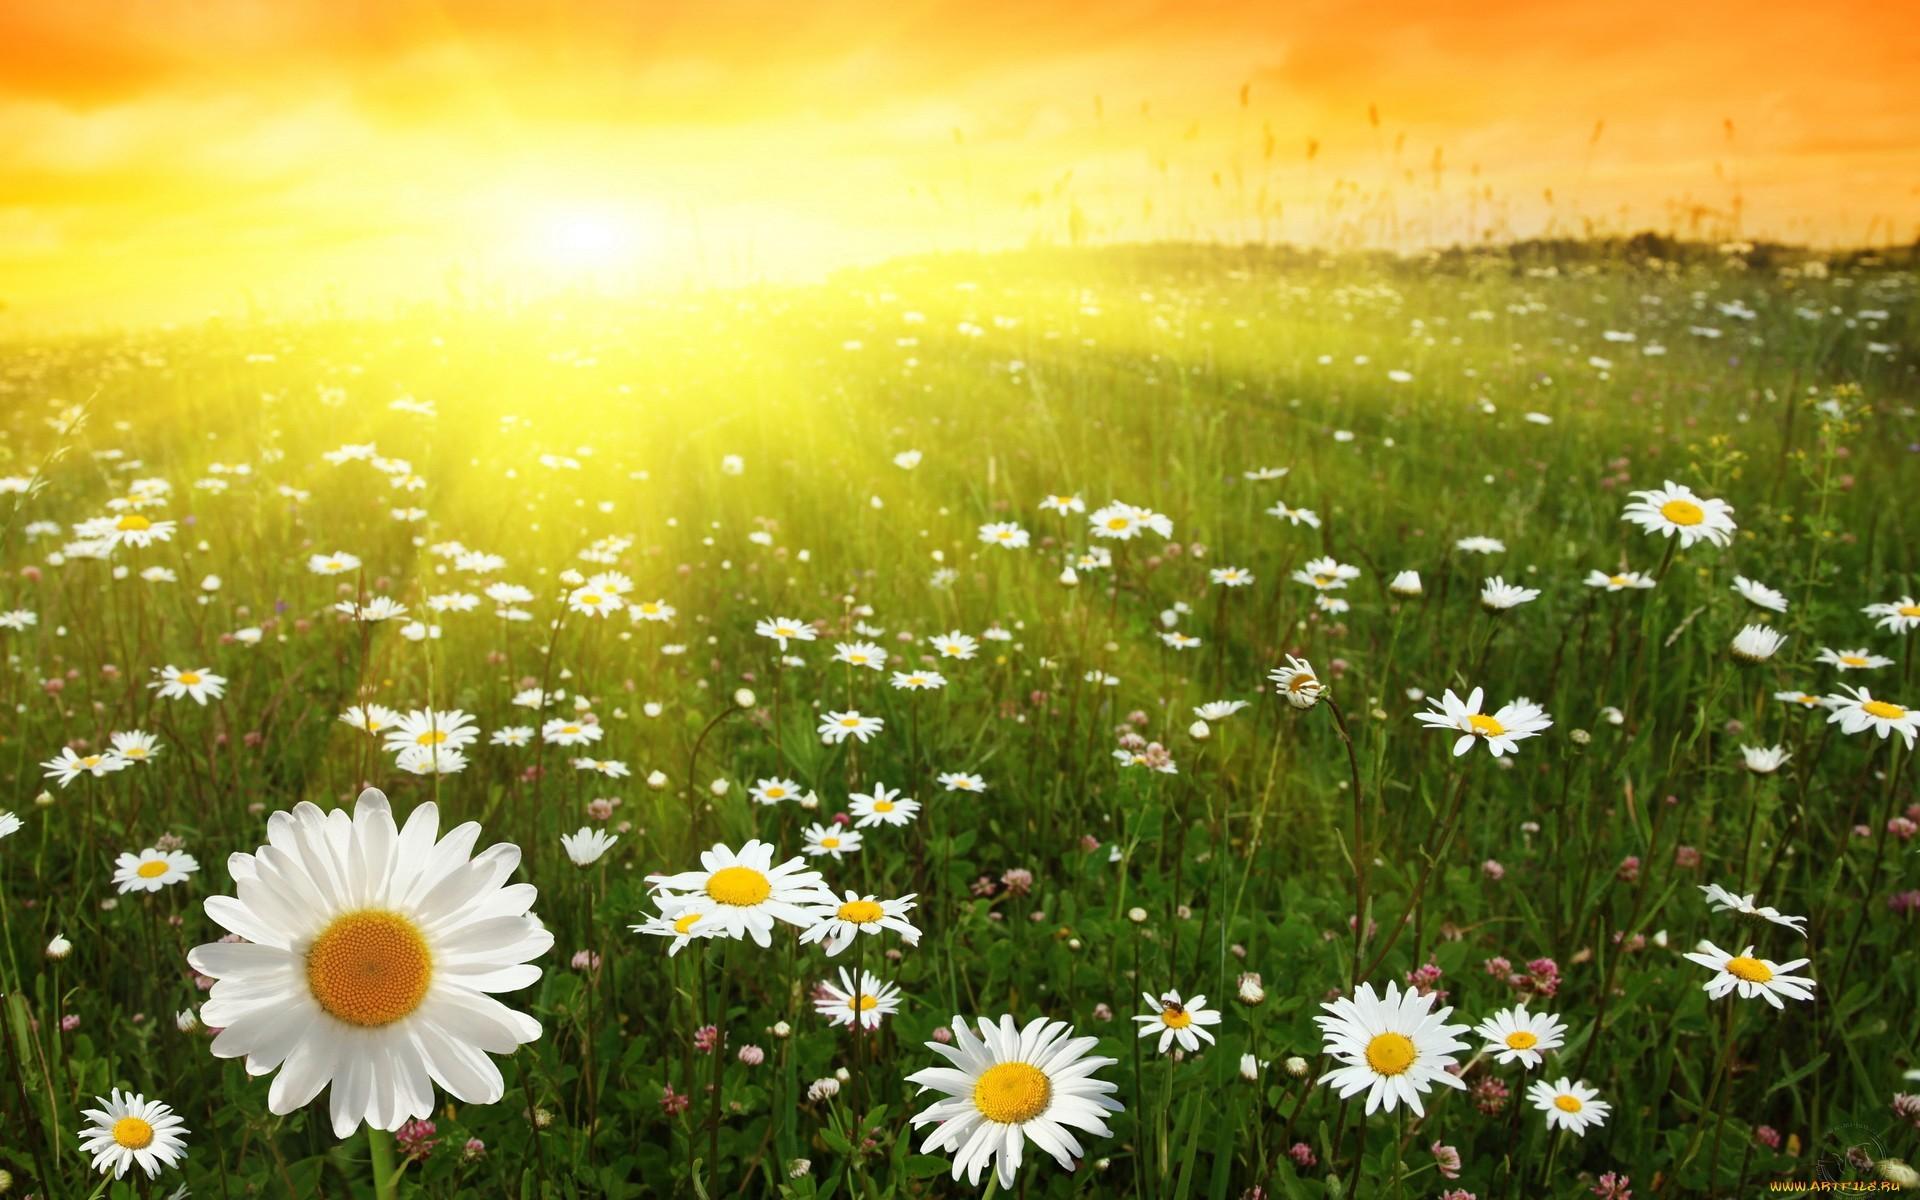 Скачать картинку Солнце, Ромашки, Растения, Цветы, Пейзаж в телефон бесплатно.